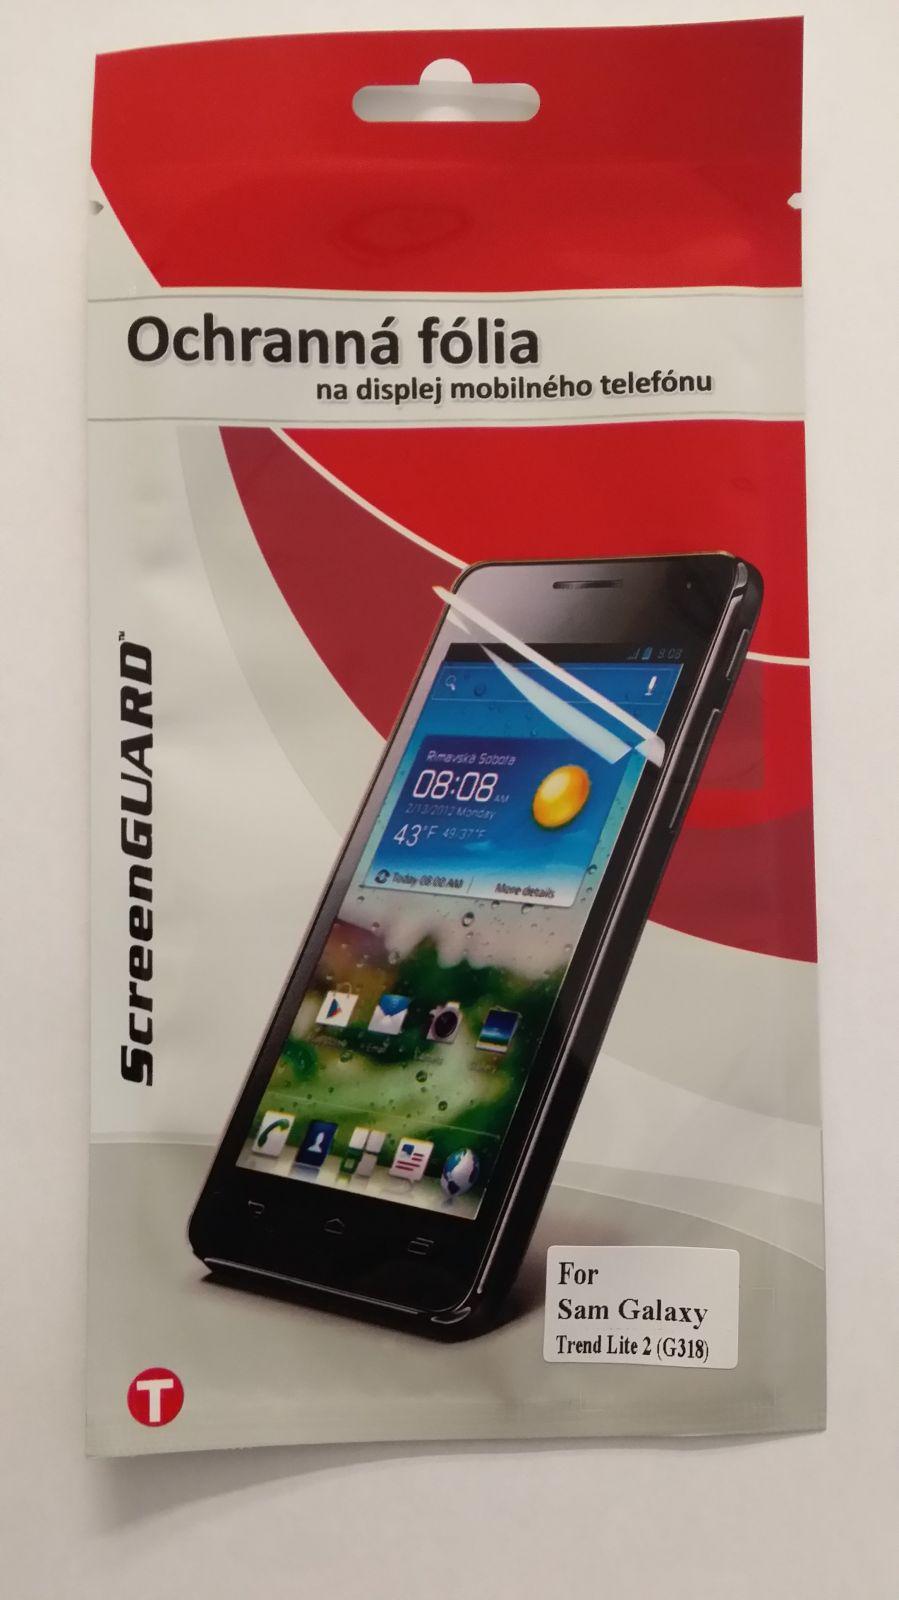 Ochranná folie Mobilnet Samsung Galaxy Trend Lite 2/G318